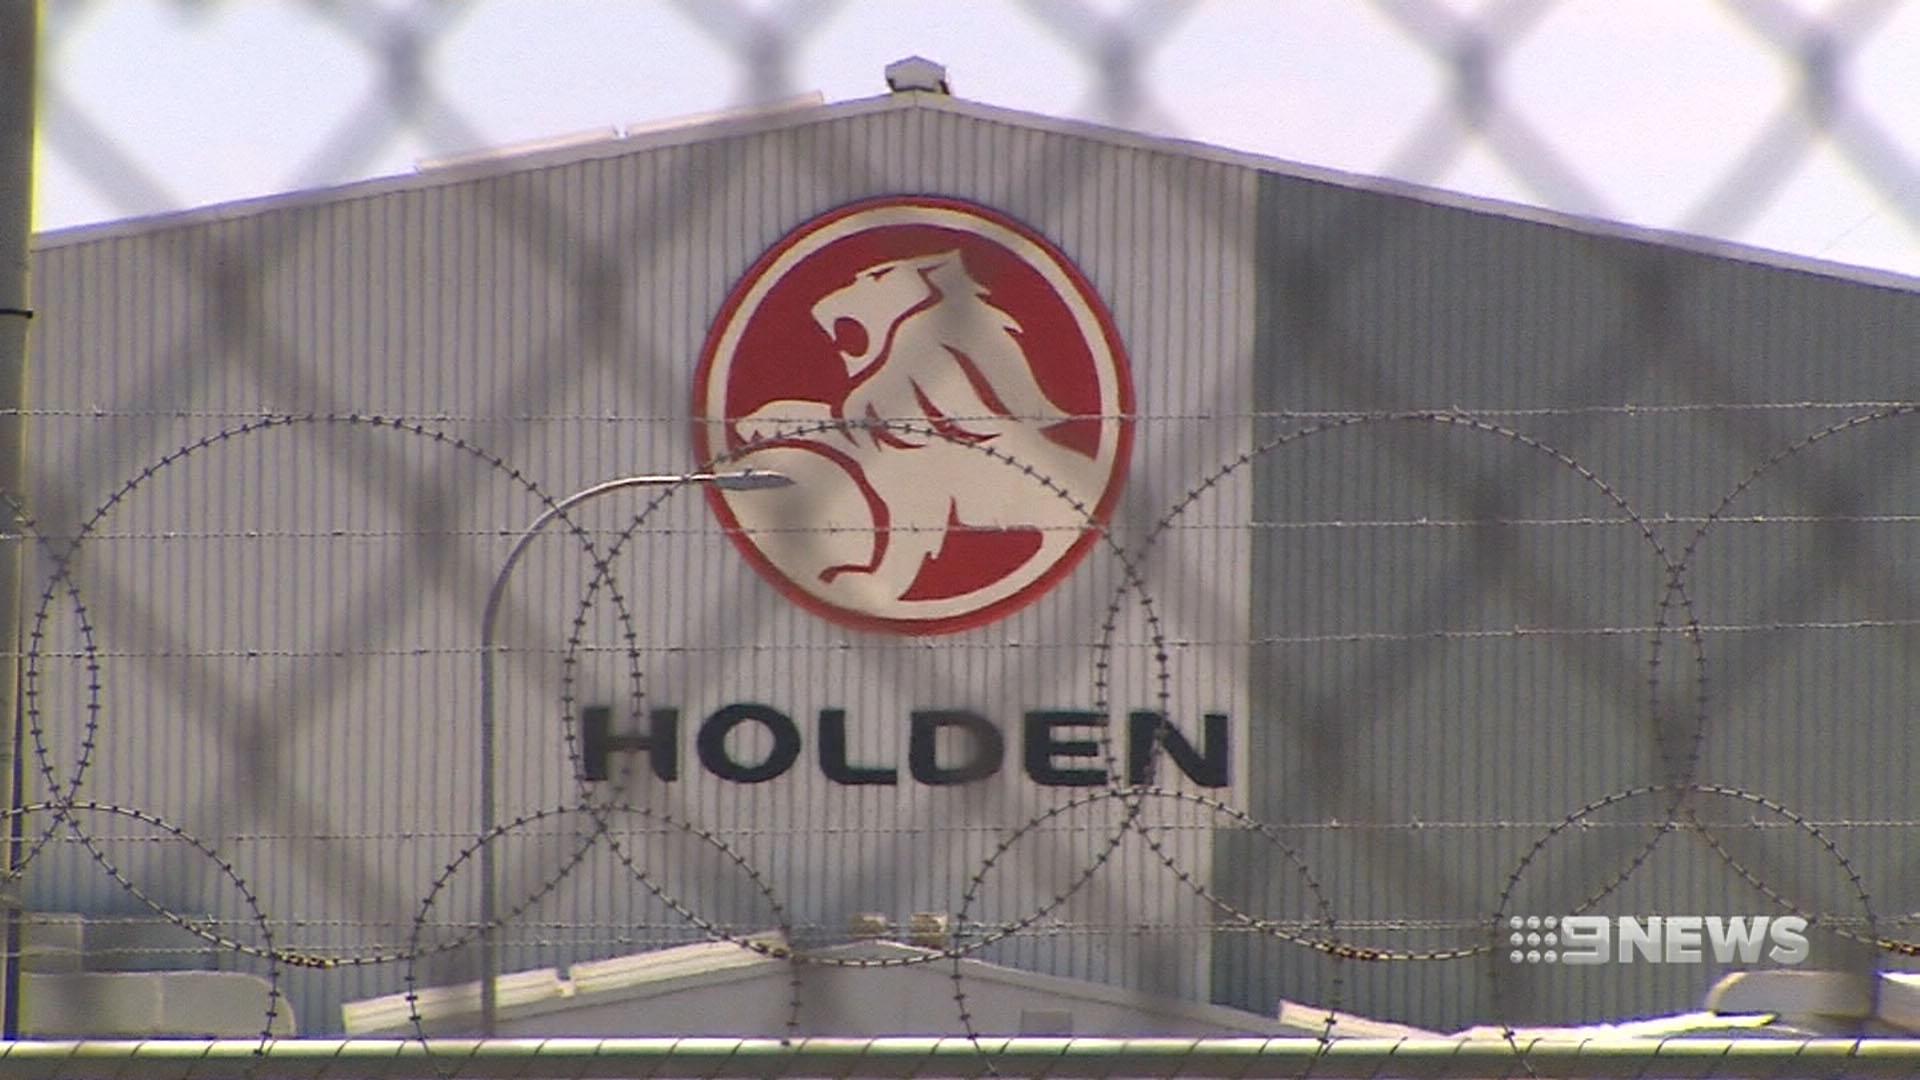 Holden sells Elizabeth factory